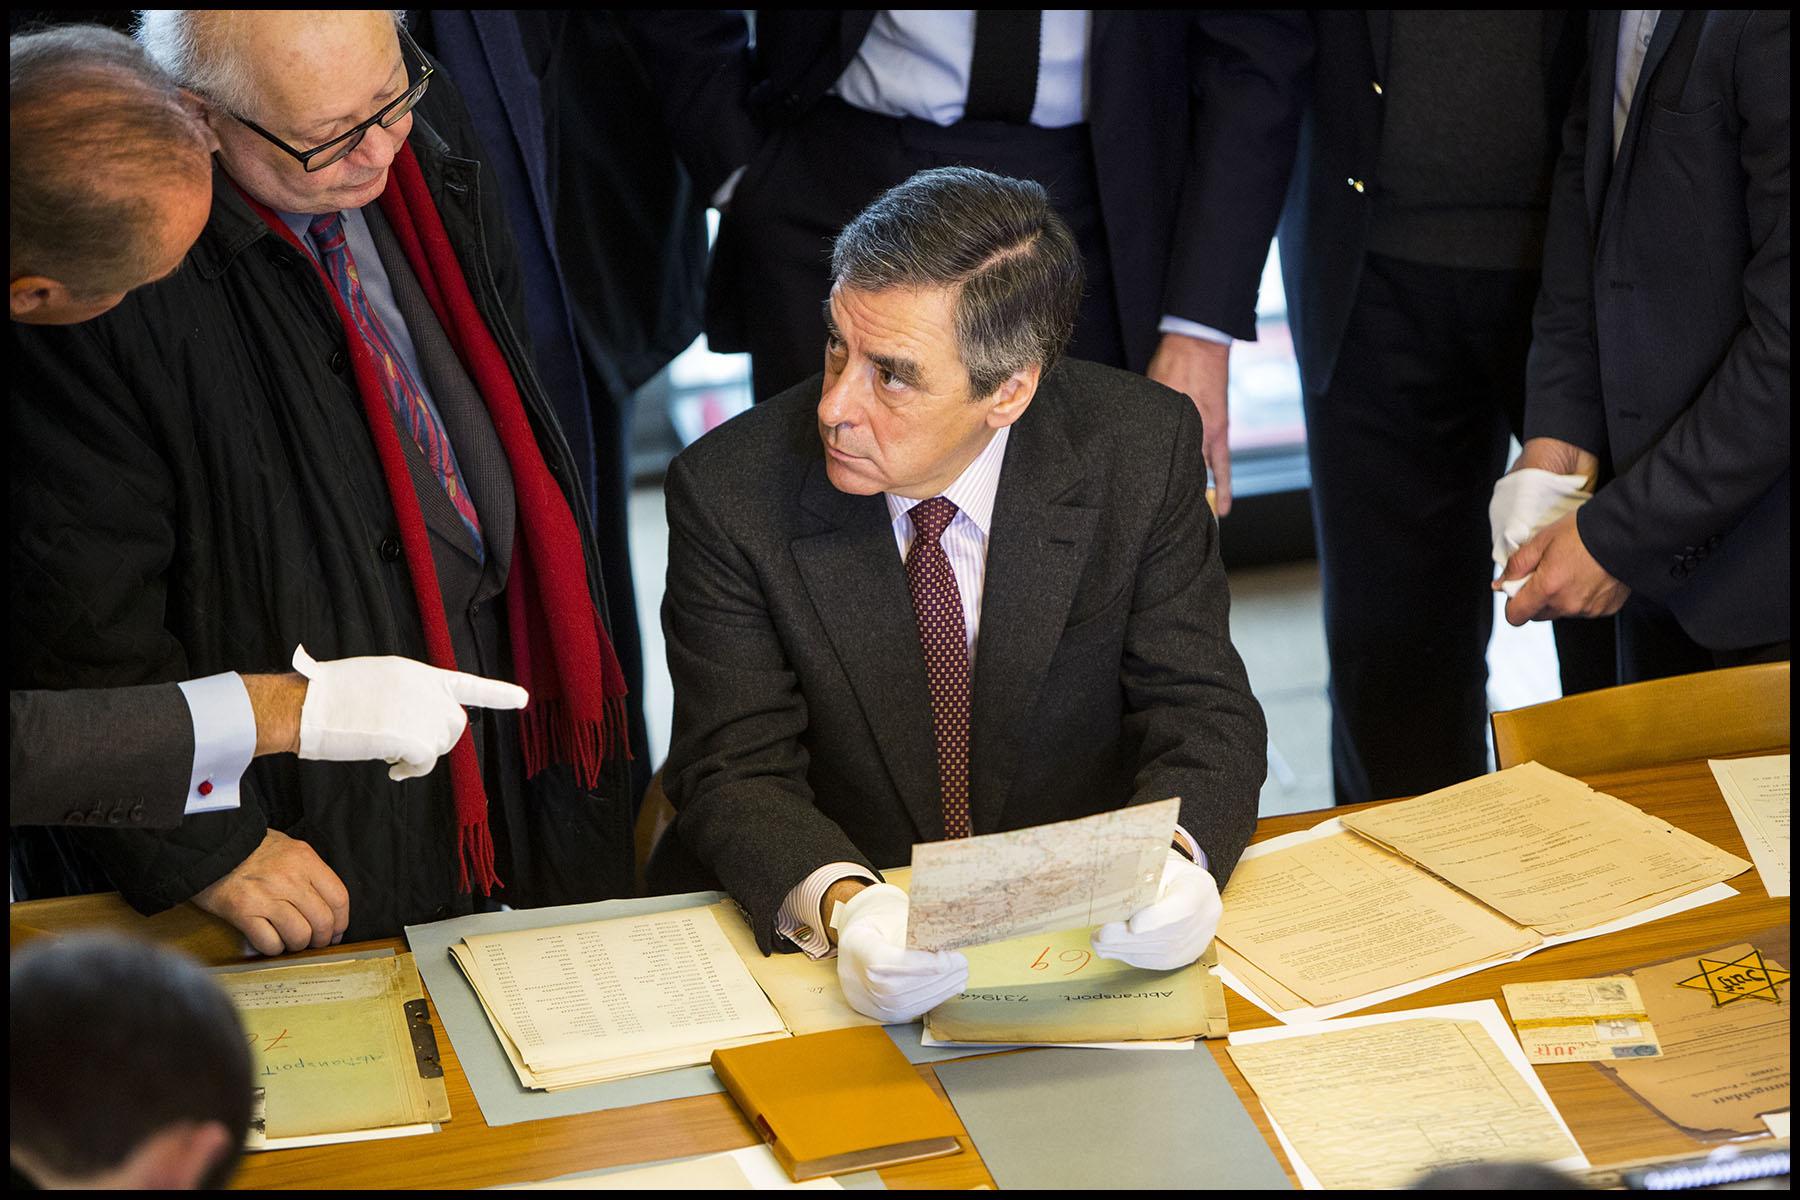 François FILLON visite le Mémorial de la Shoah à Paris